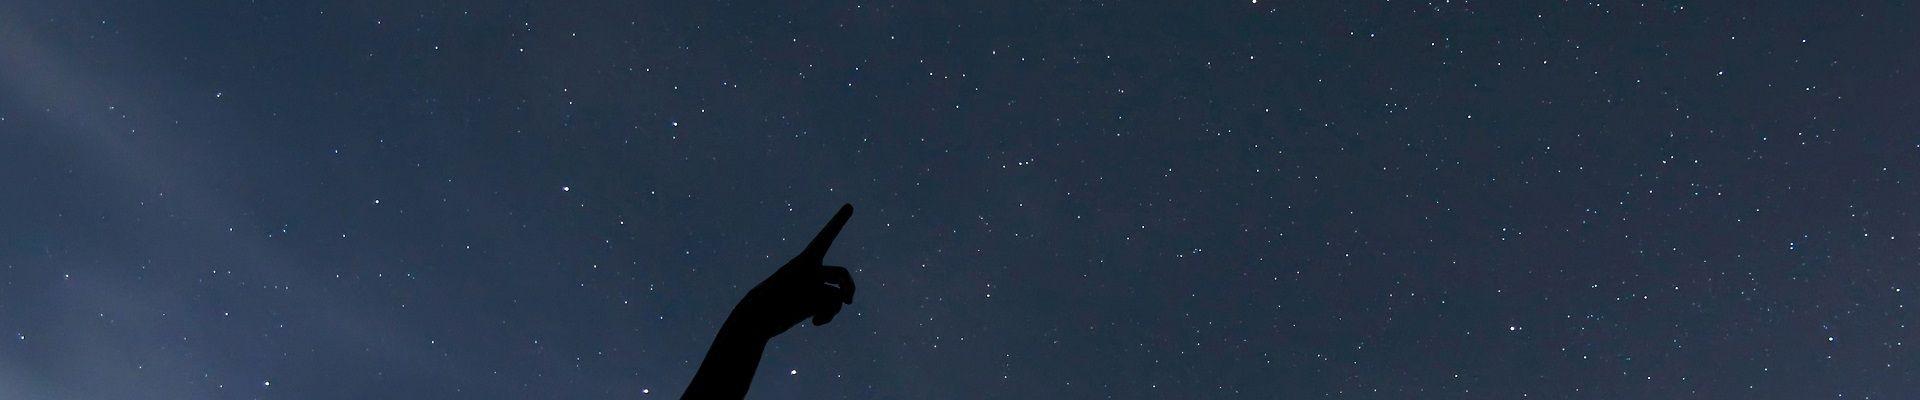 Sobald man eine Sternschnuppe entdeckt, darf man sich etwas wünschen. ©kurz-mal-weg.at